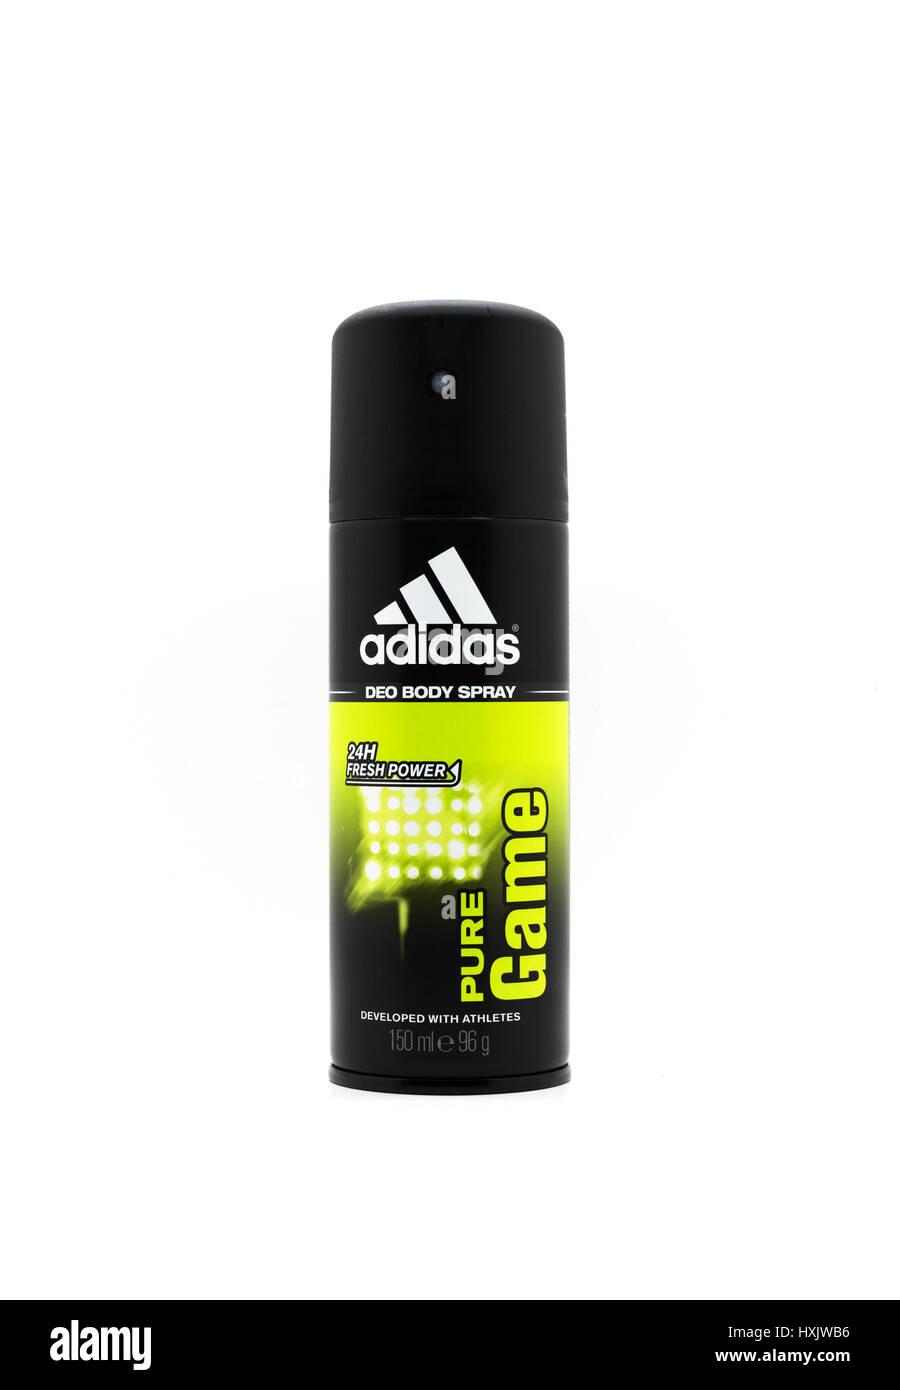 Adidas desodorante Body Spray Imagen De Stock